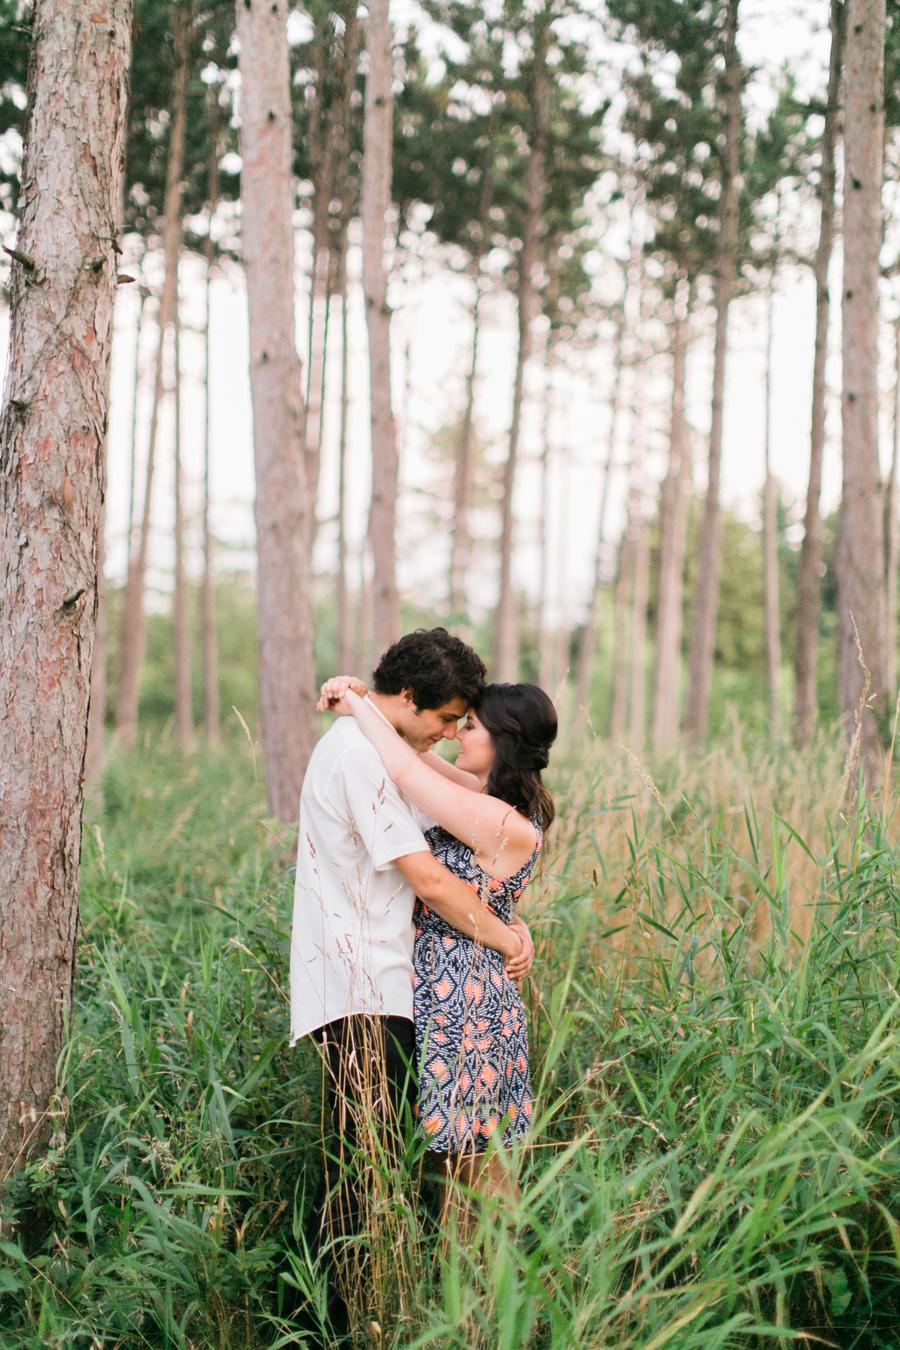 morton-arboretum-engagement-photos001